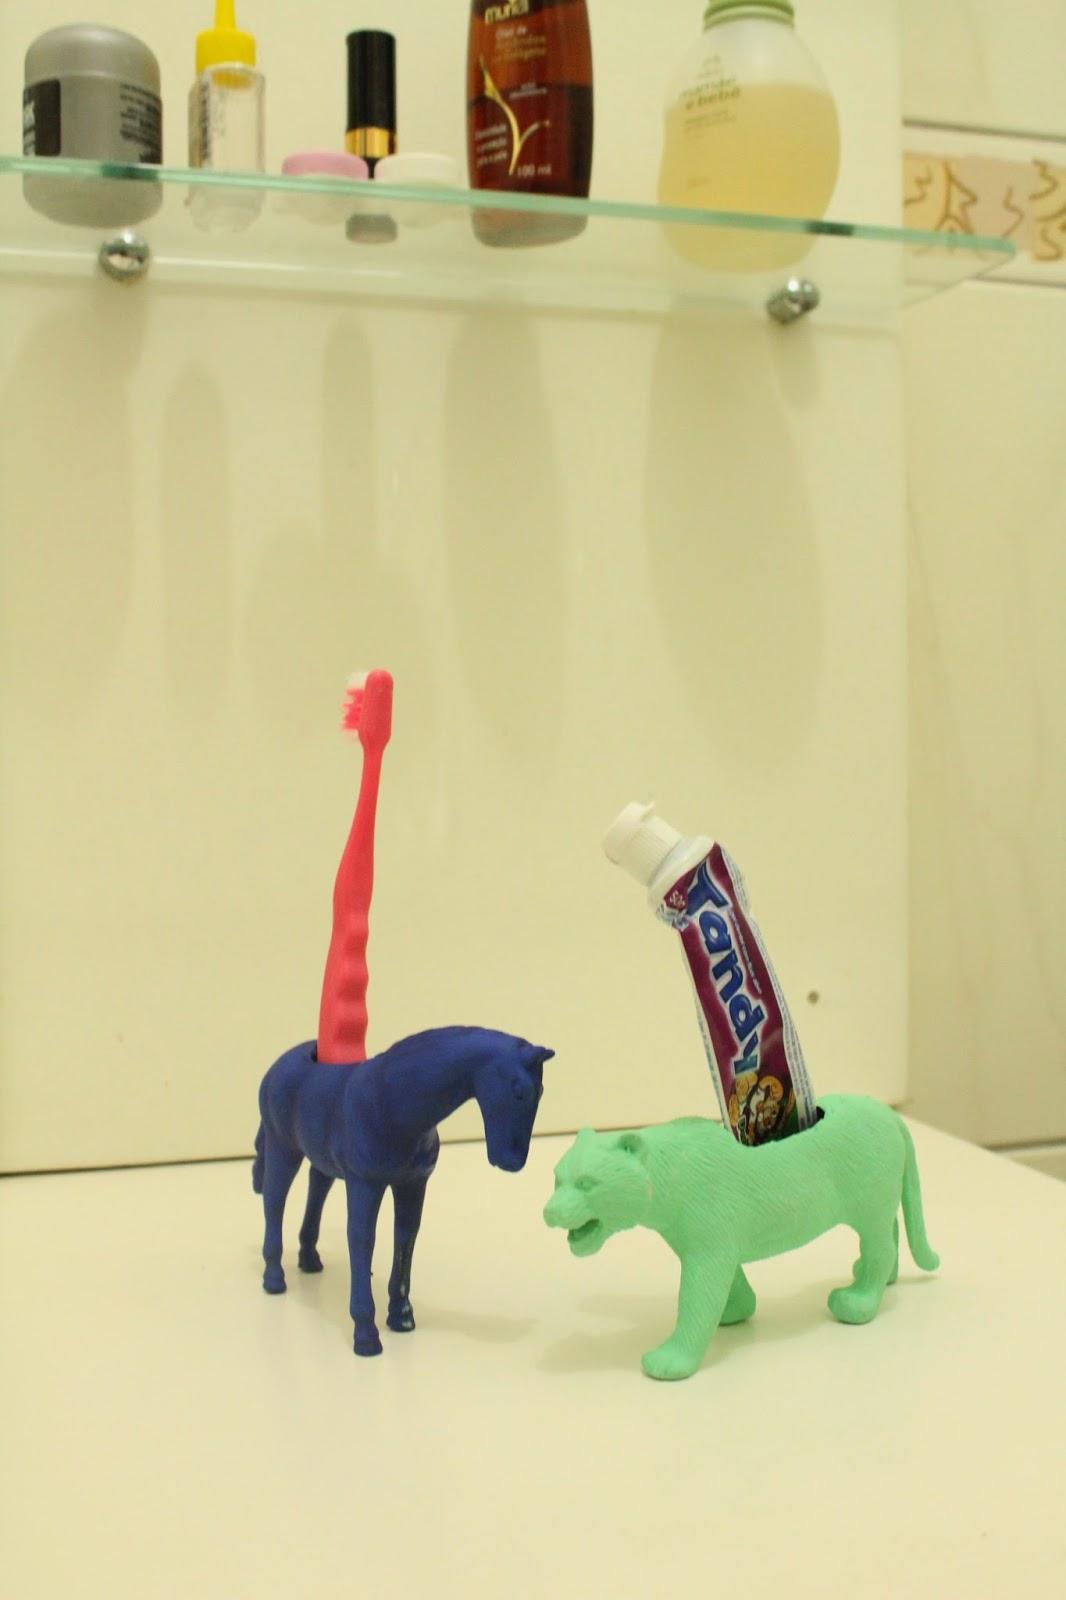 organizando e decorando com brinquedos DIY - PAP - Faça você mesmo